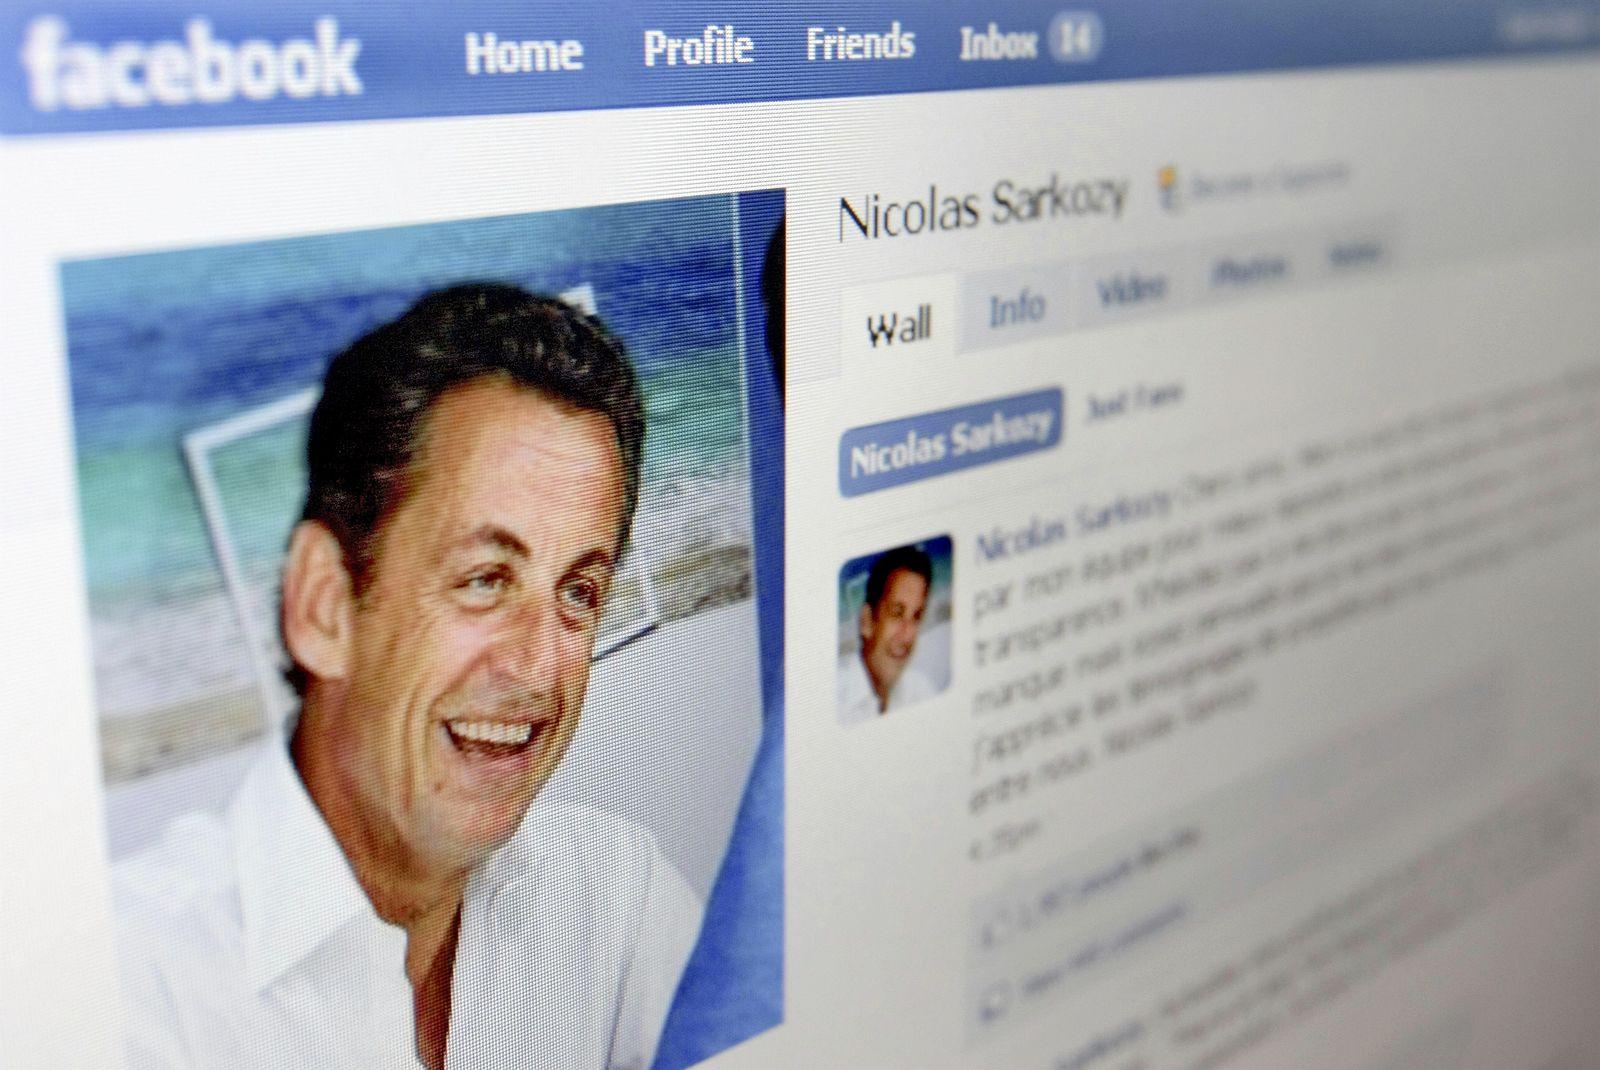 Nicolas Sarkozy's page on the networking website Facebook